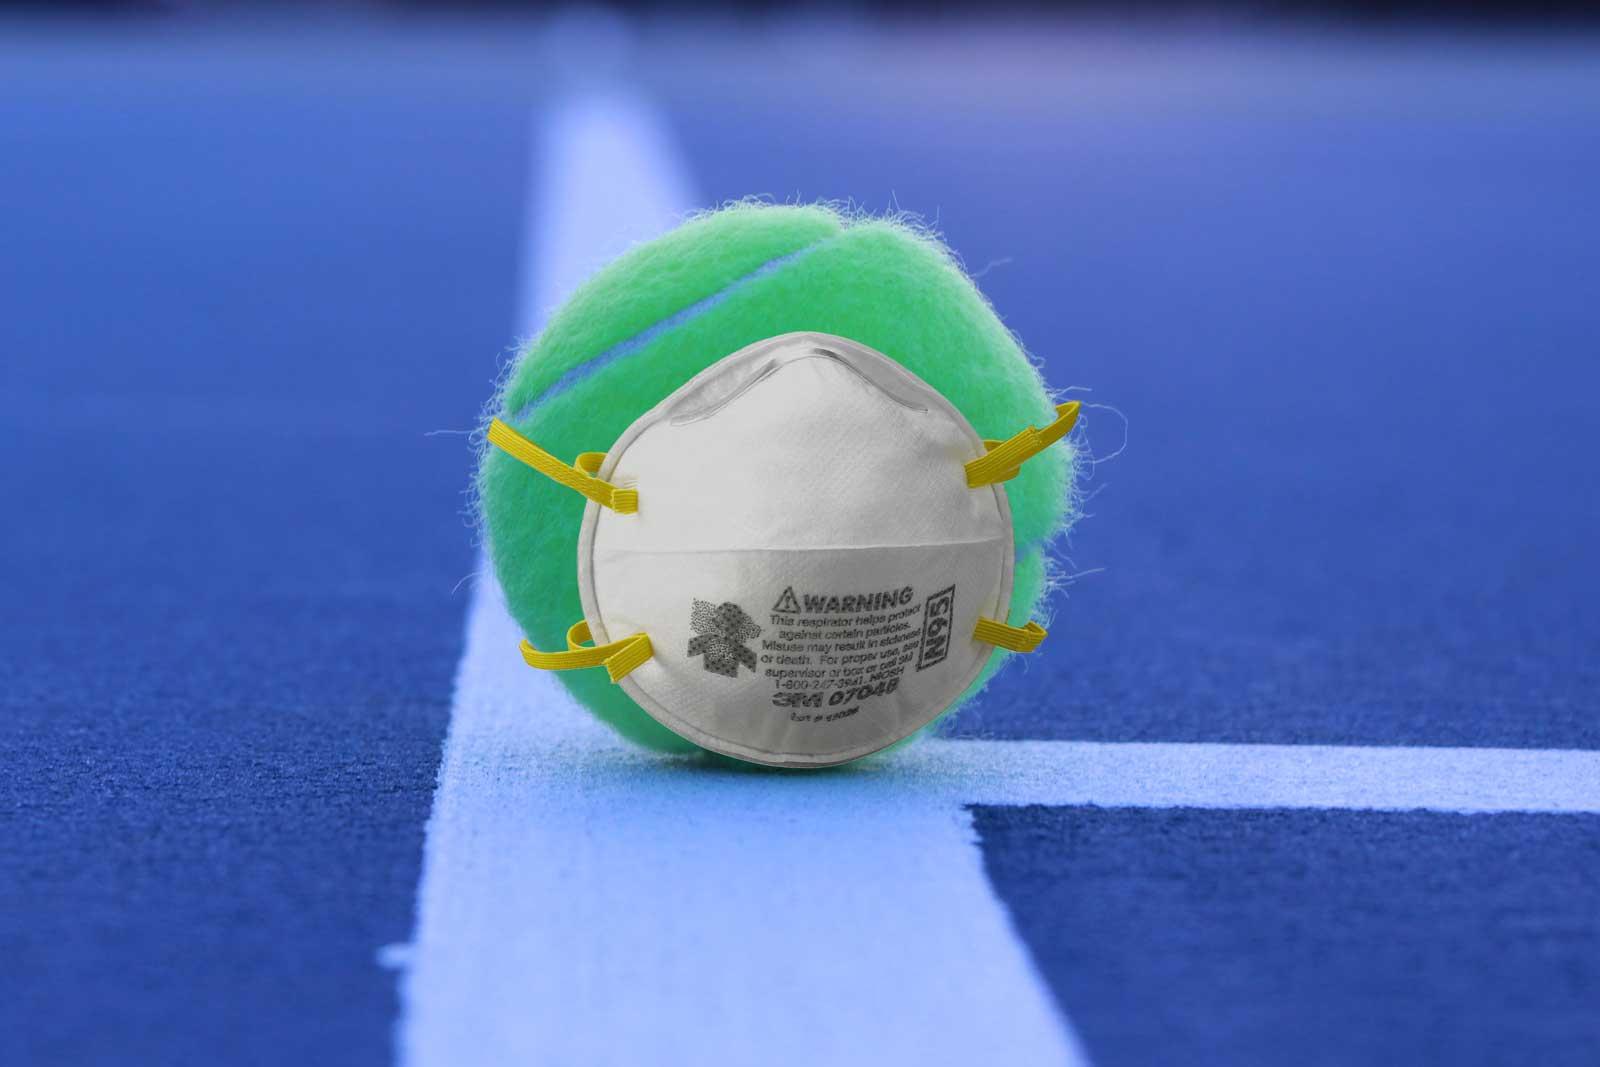 Coronavirus (CoV-19) – Absage von Vereinstraining sowie Schließung unserer Tennisanlage